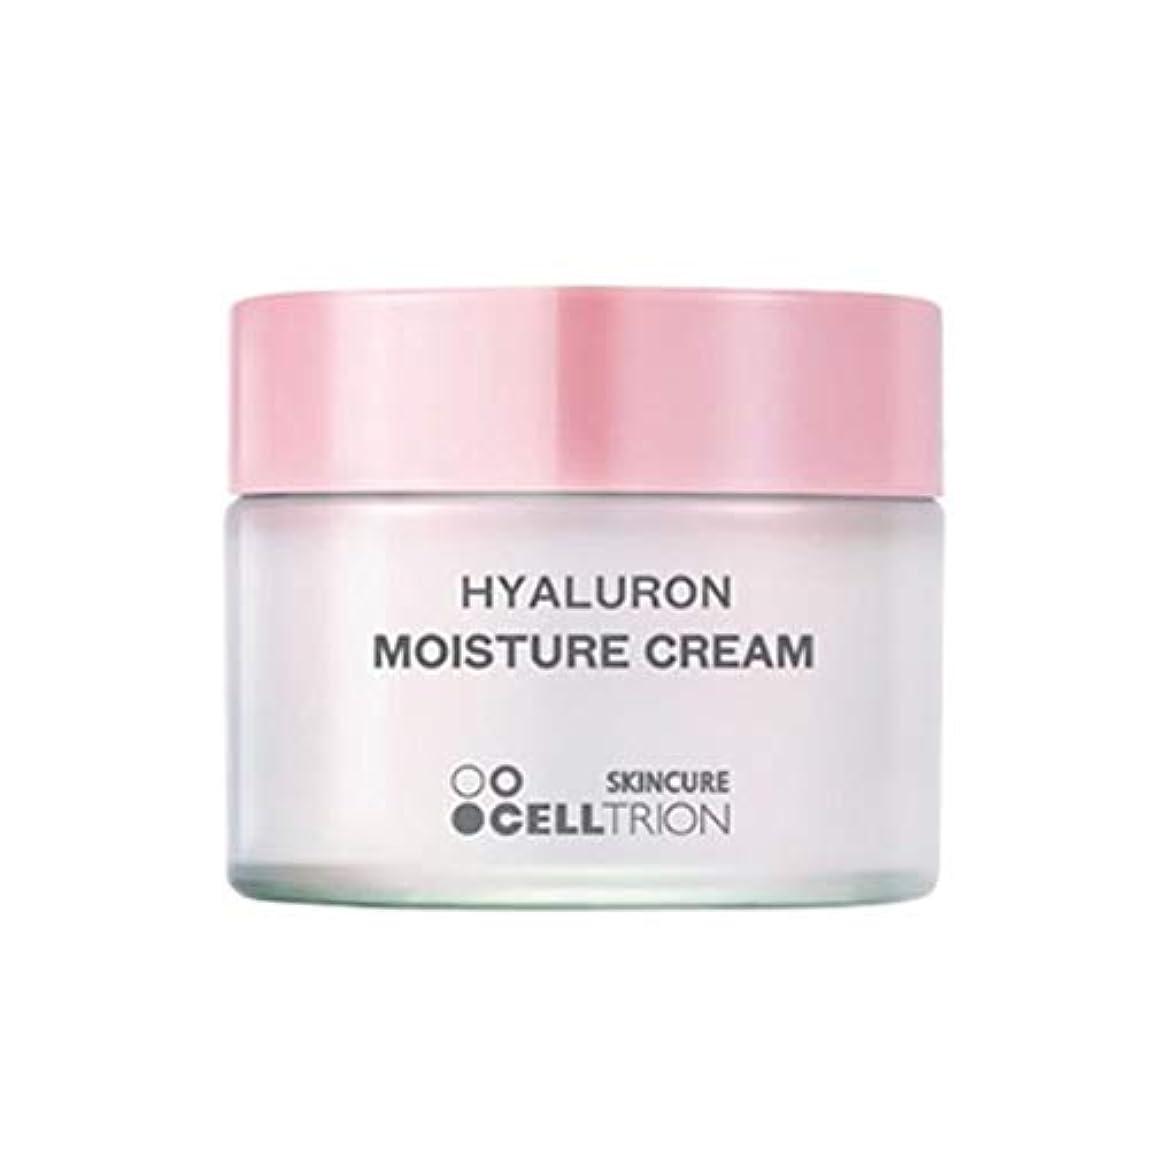 確執敷居キャンディーセルトリオンスキンキュアヒアルロンモイスチャークリーム50gしわ改善、Celltrion Skincure Hyaluron Moisture Cream 50g Anti-Wrinkle [並行輸入品]